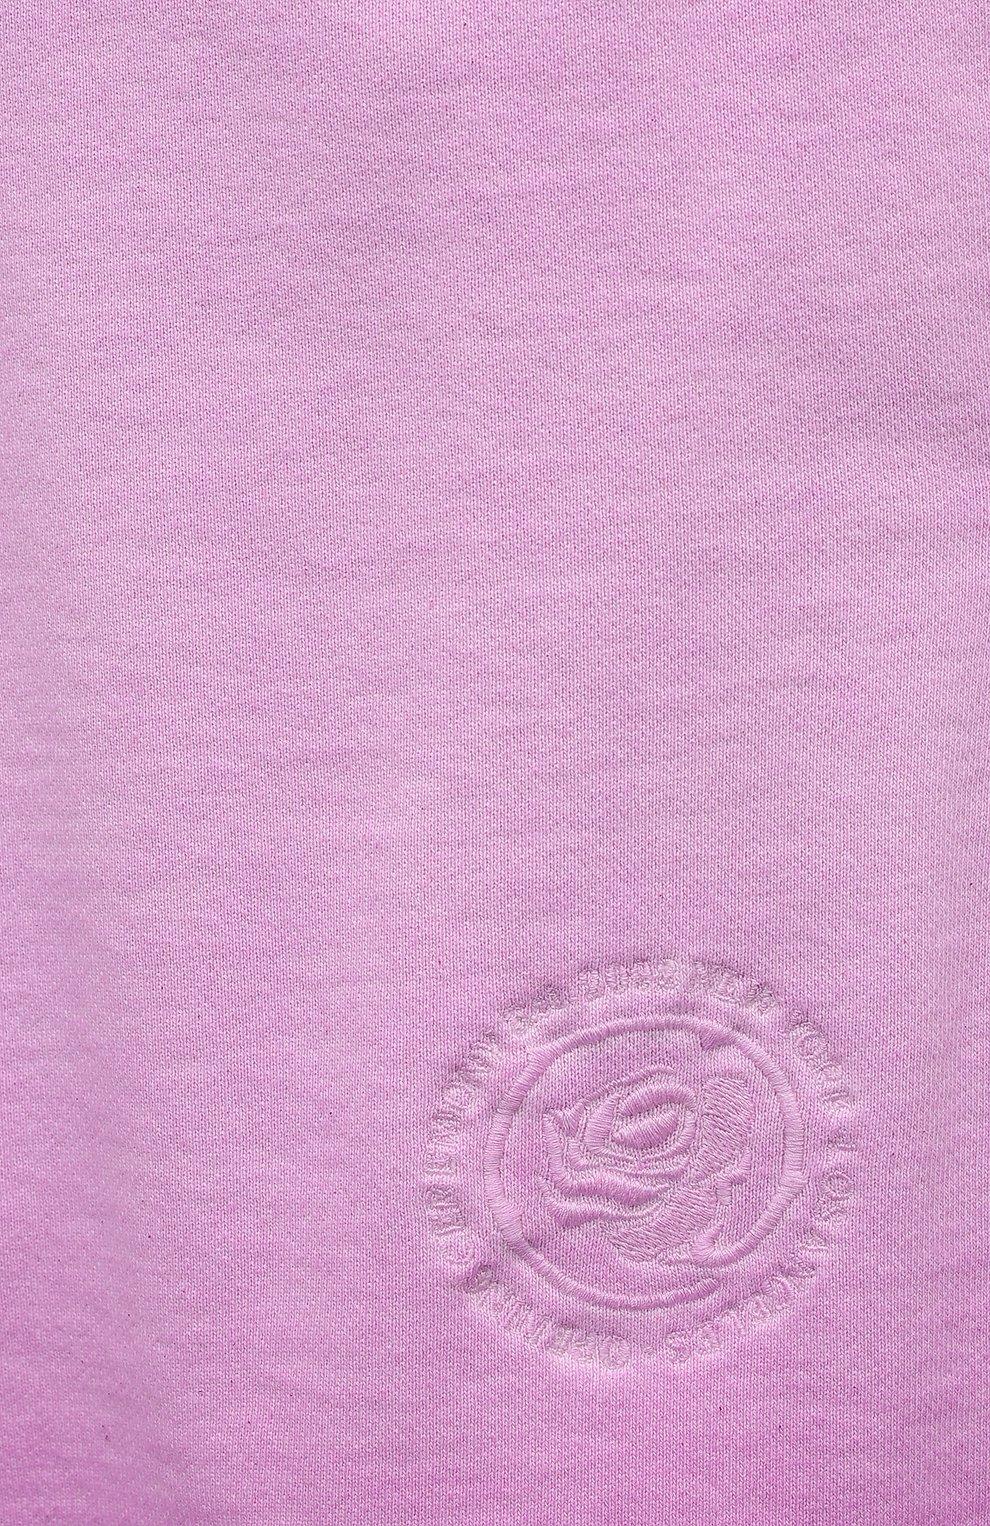 Мужские хлопковые шорты OPENING CEREMONY розового цвета, арт. YMCI001S21FLE001 | Фото 5 (Длина Шорты М: До колена; Принт: Без принта; Кросс-КТ: Трикотаж; Материал внешний: Хлопок; Стили: Спорт-шик)